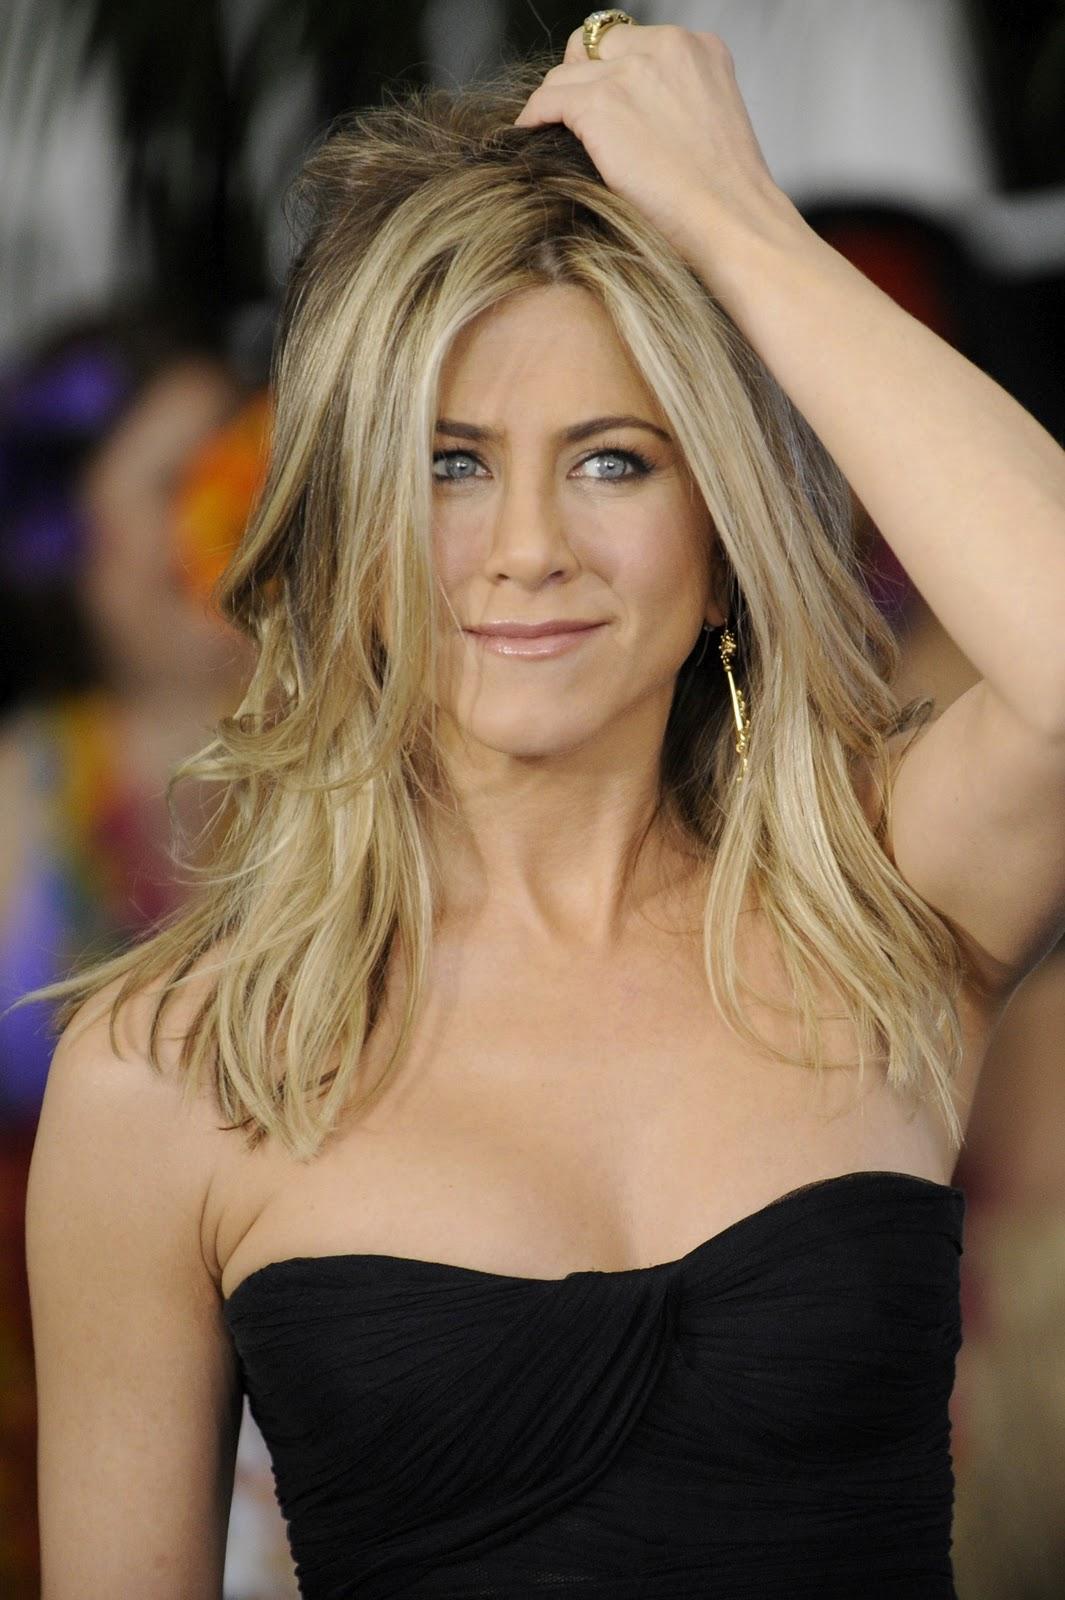 http://2.bp.blogspot.com/-F1NniF11X2M/TVQYhUjJQnI/AAAAAAAAPSc/NafMwt-6IqU/s1600/Jennifer-Aniston-1.jpg